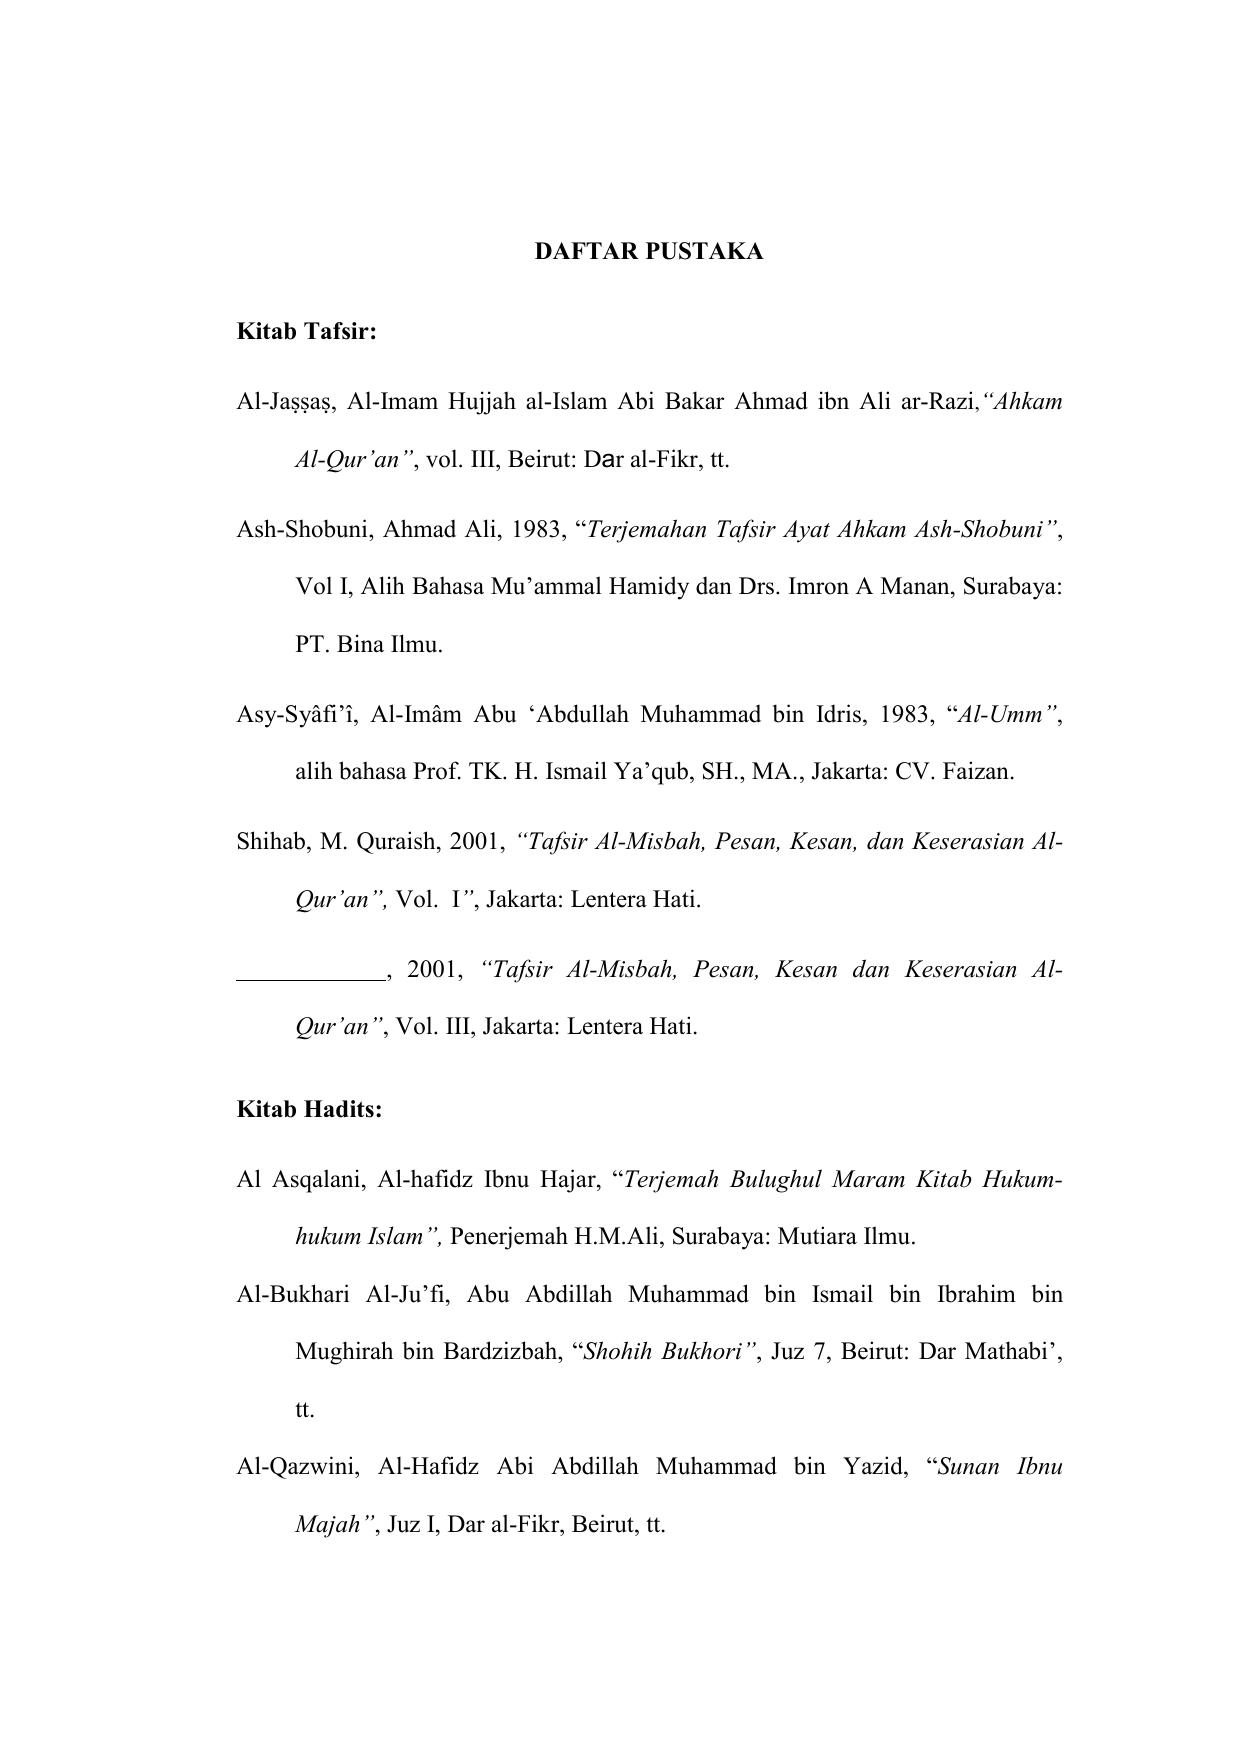 Daftar Pustaka Kitab Tafsir